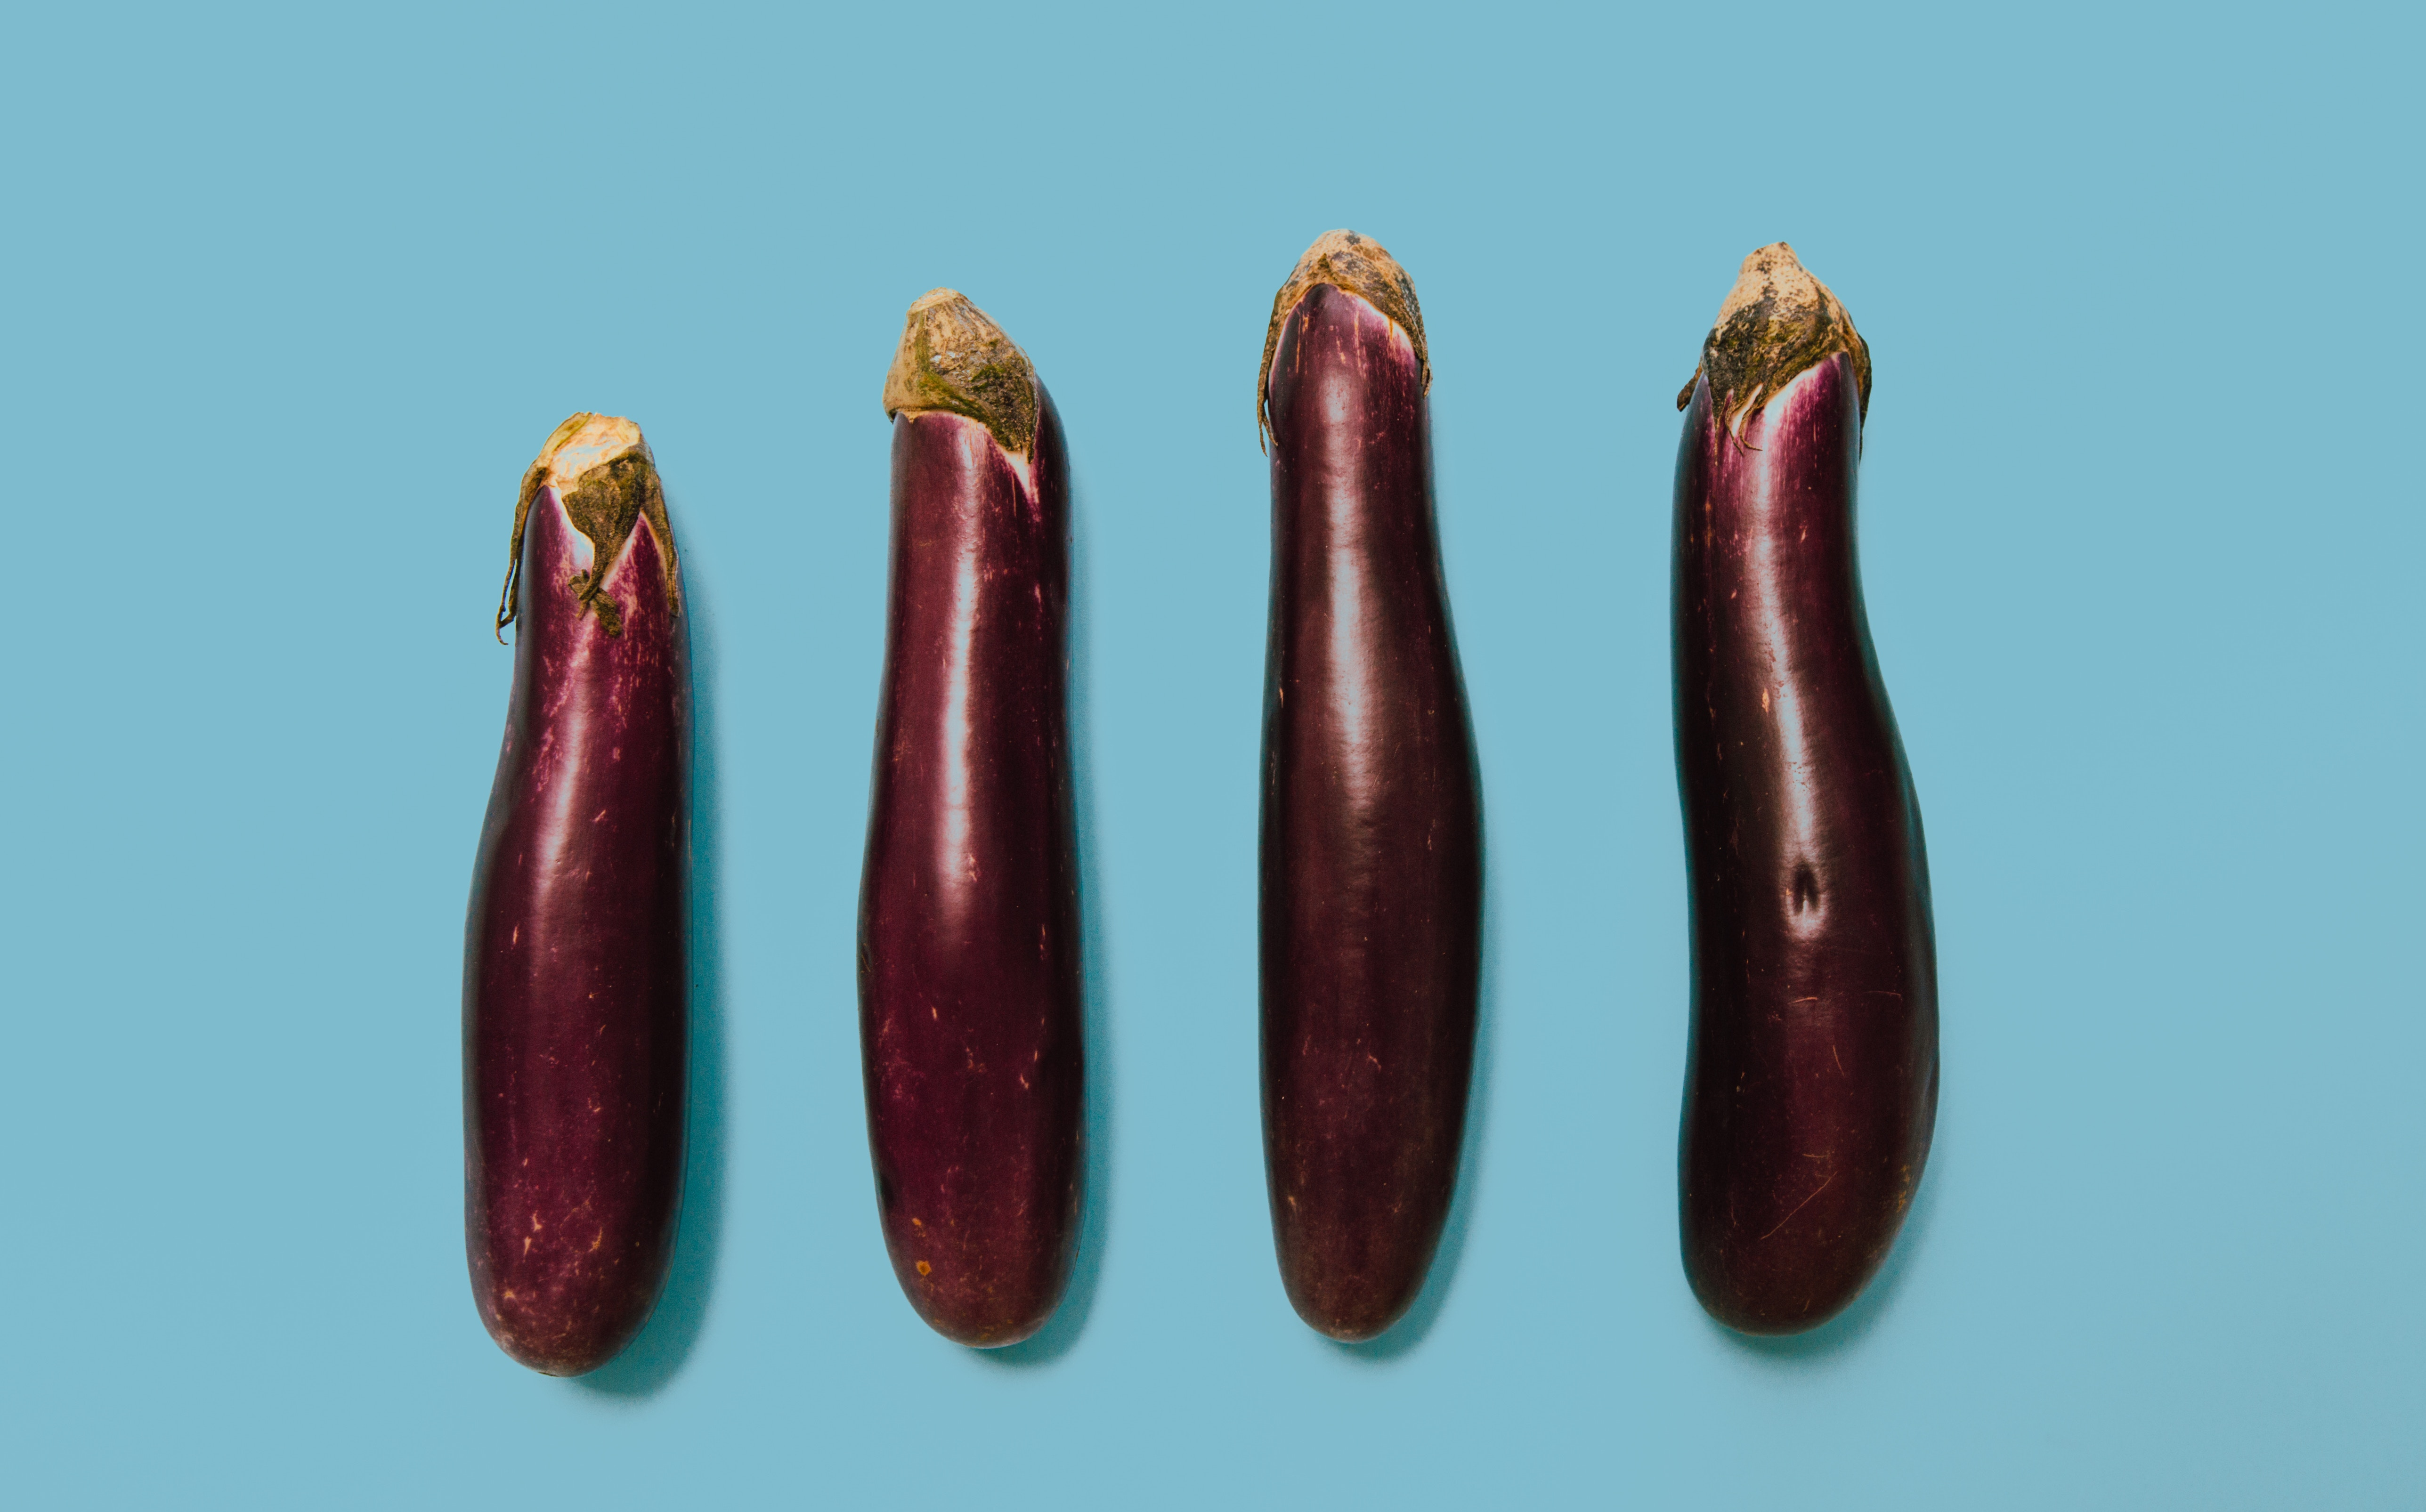 cum să întărești o erecție fără chimie dimensiunea penisului pentru fertilizare